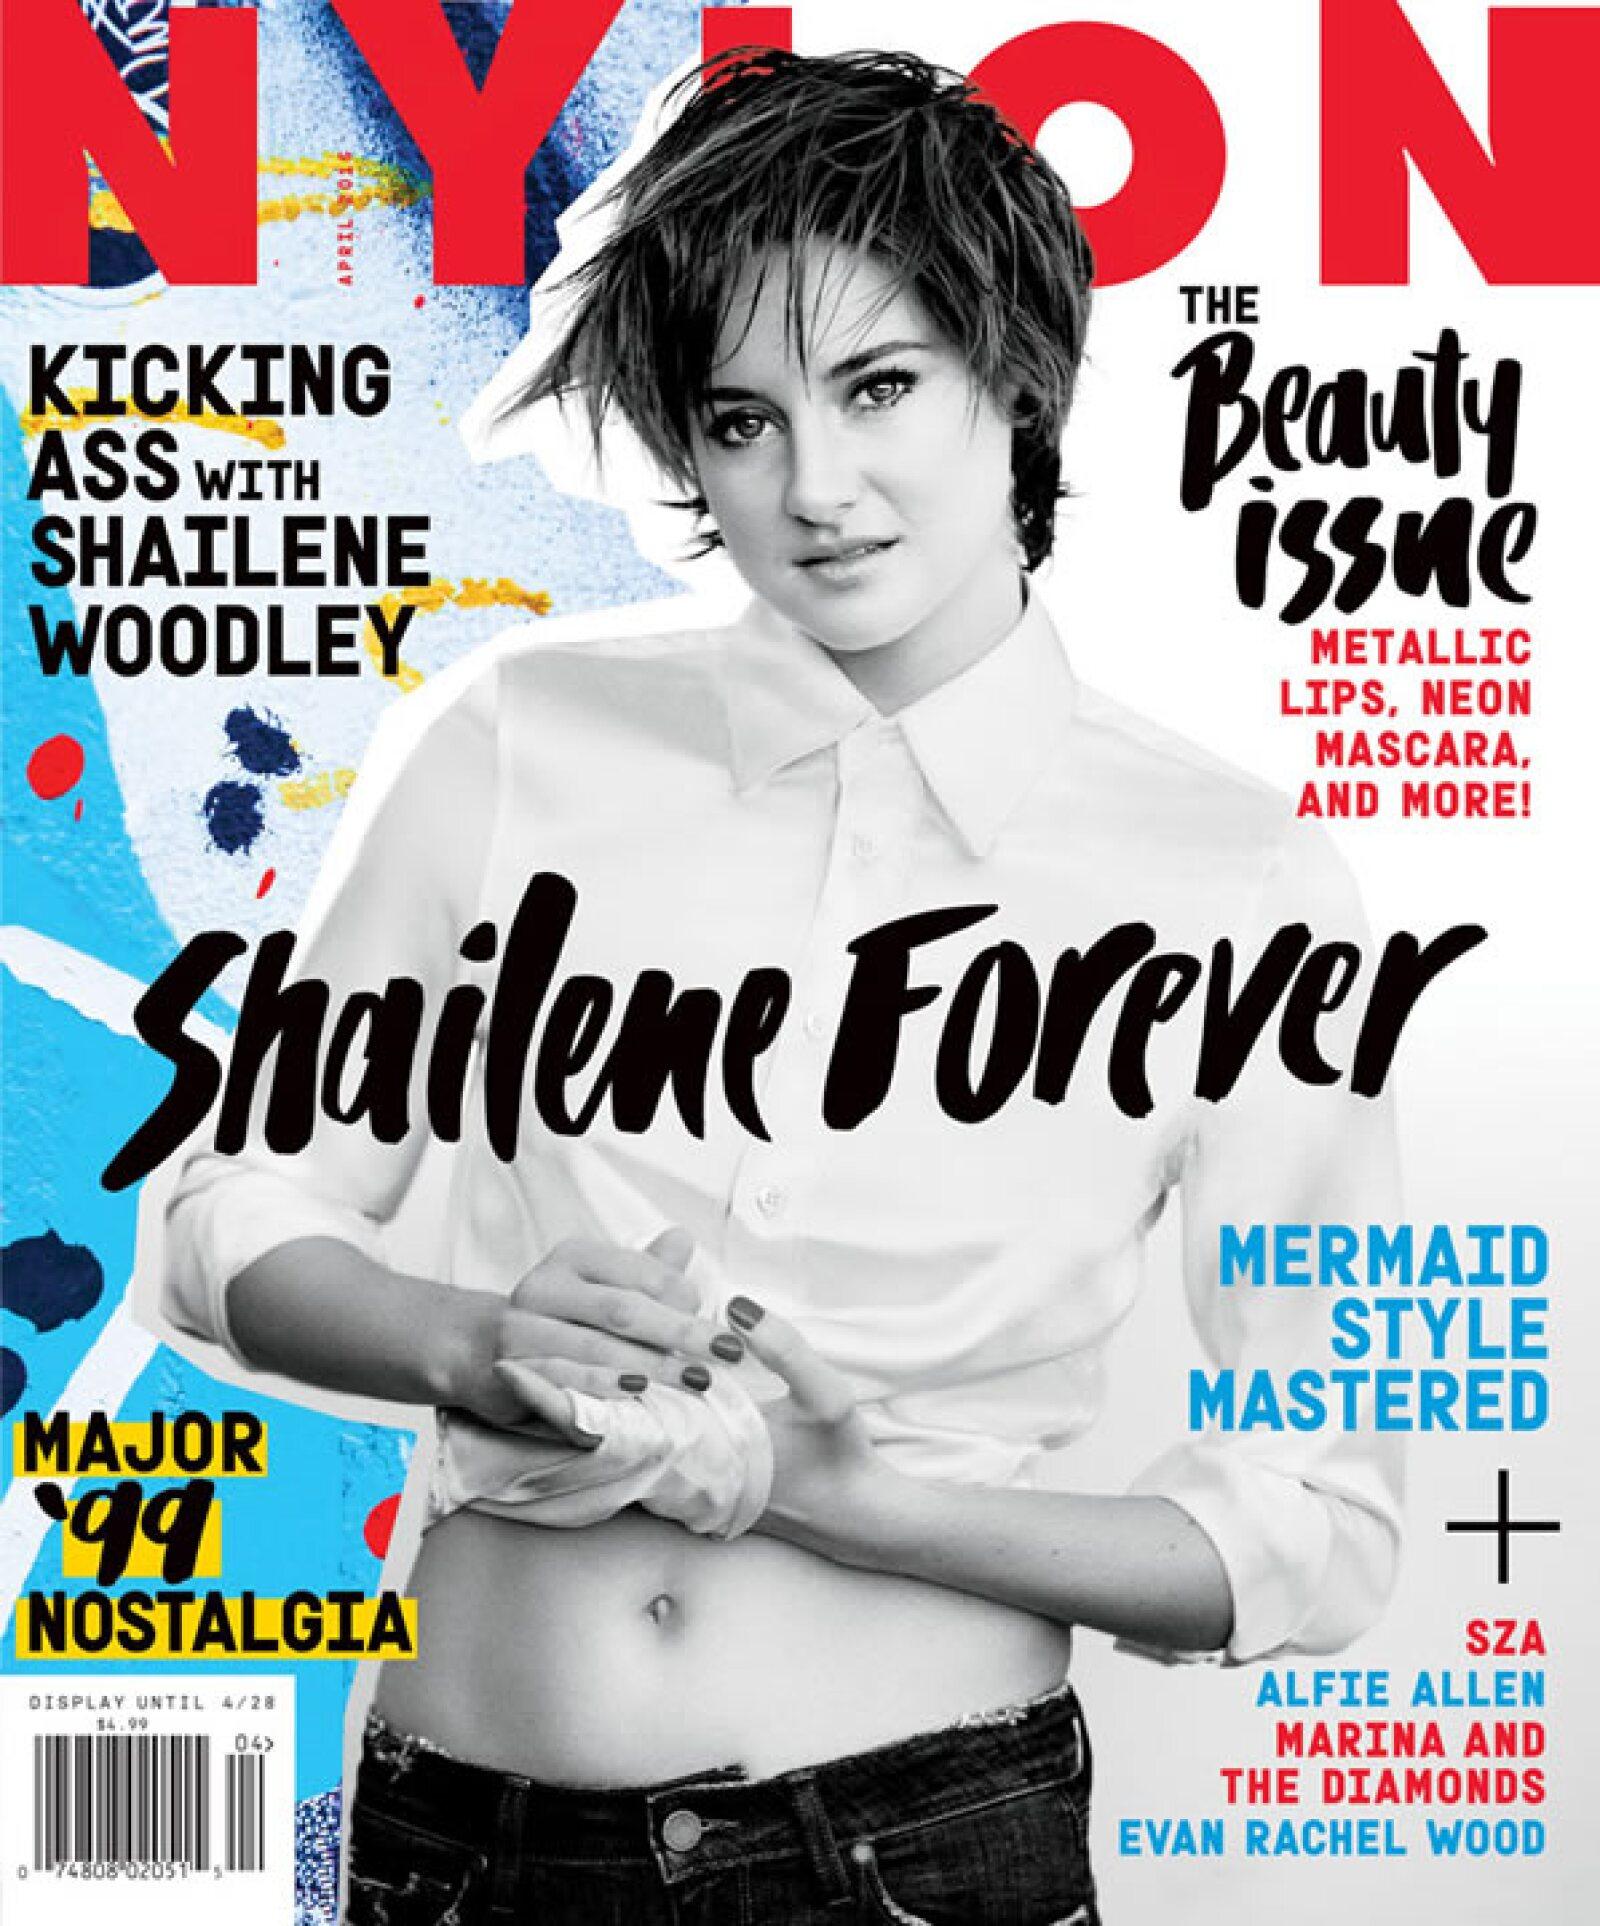 Shailene Woodley, la actriz de ´Insurgente´, aparece en la portada de NYLON USA con un look muy andrógino. Fotografiada por Hilary Walsh, aparece con el pelo súper corto, jeans y una camisa agarrada de manera sexy.